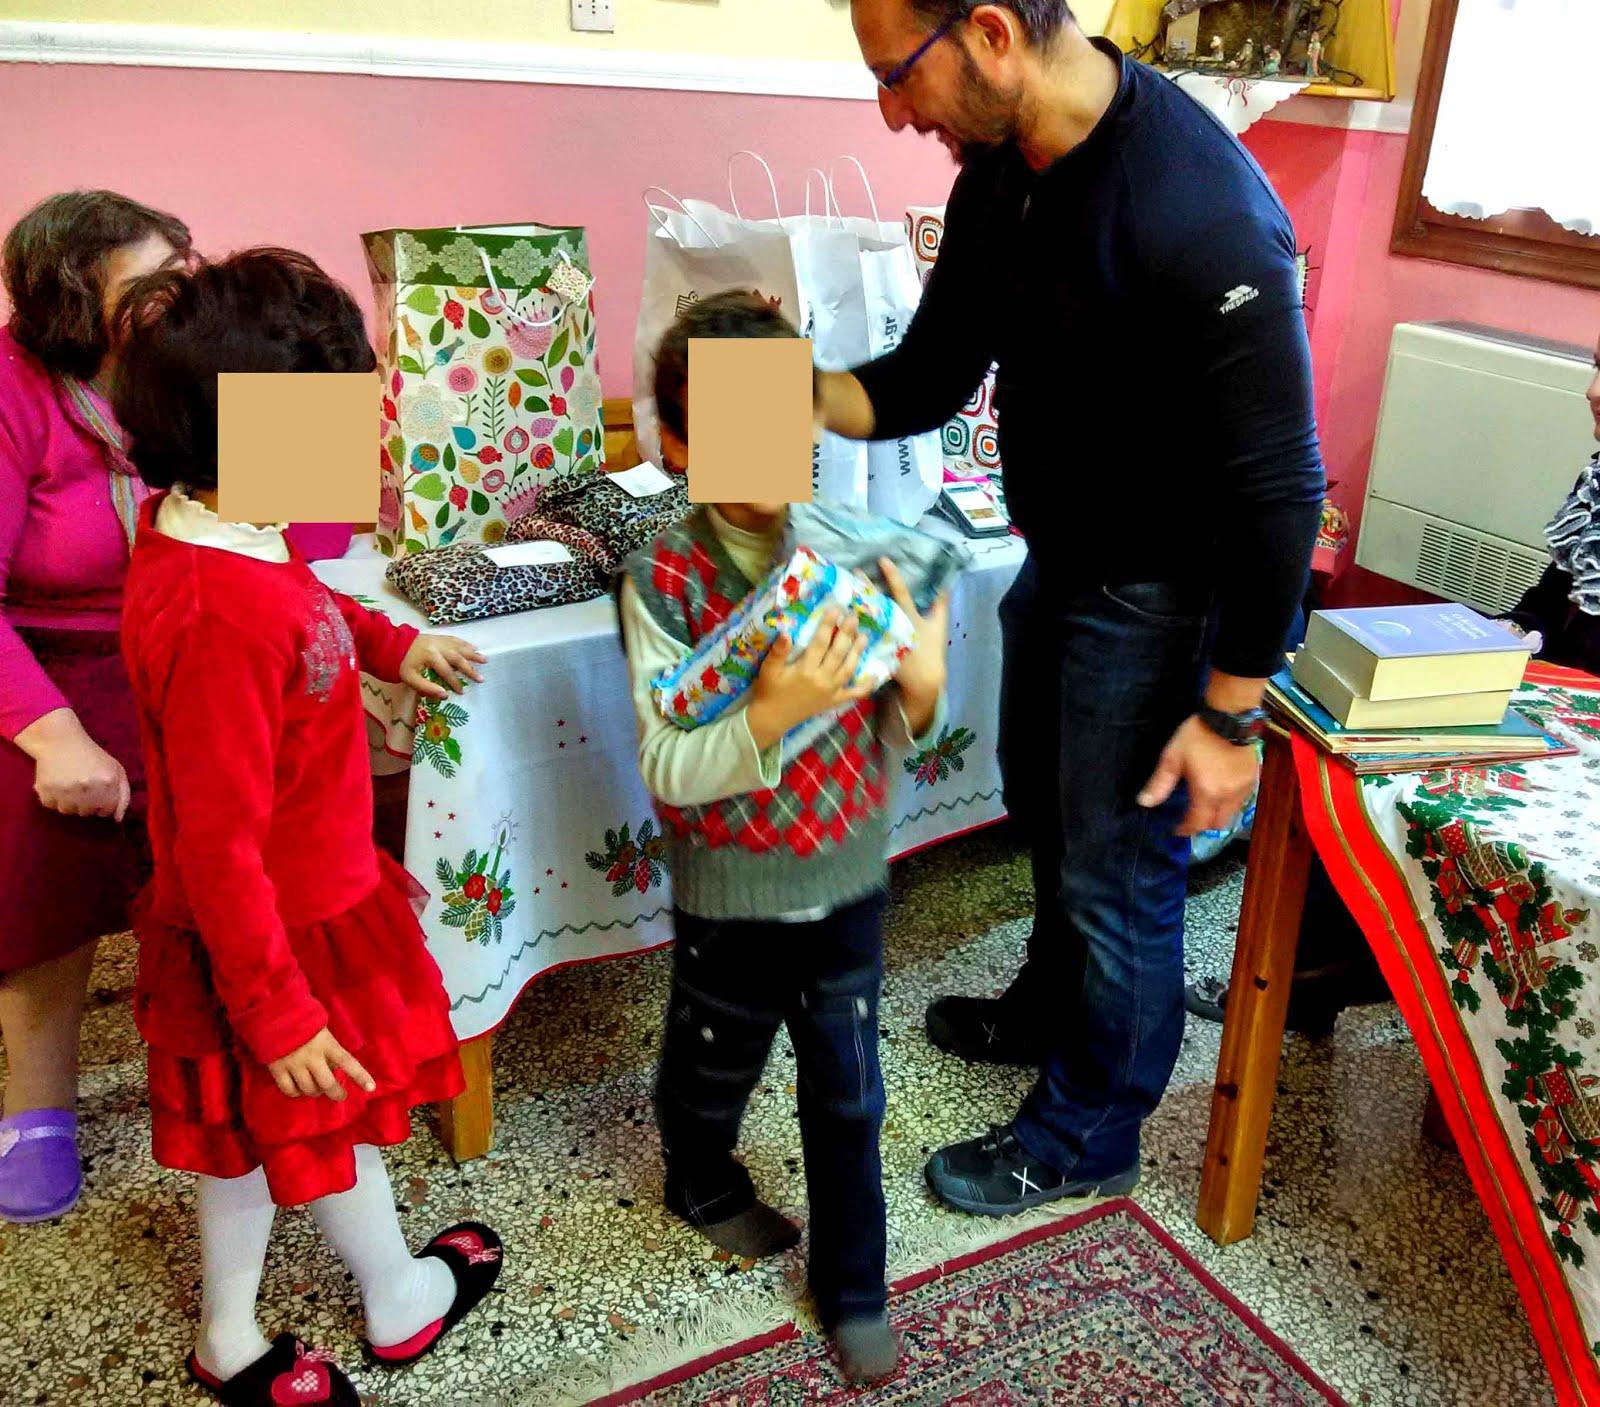 Δίνουμε δώρα, παιχνίδια, παιδικά ρούχα, παπούτσια και βιβλία  στα παιδιά του ορφανοτρ